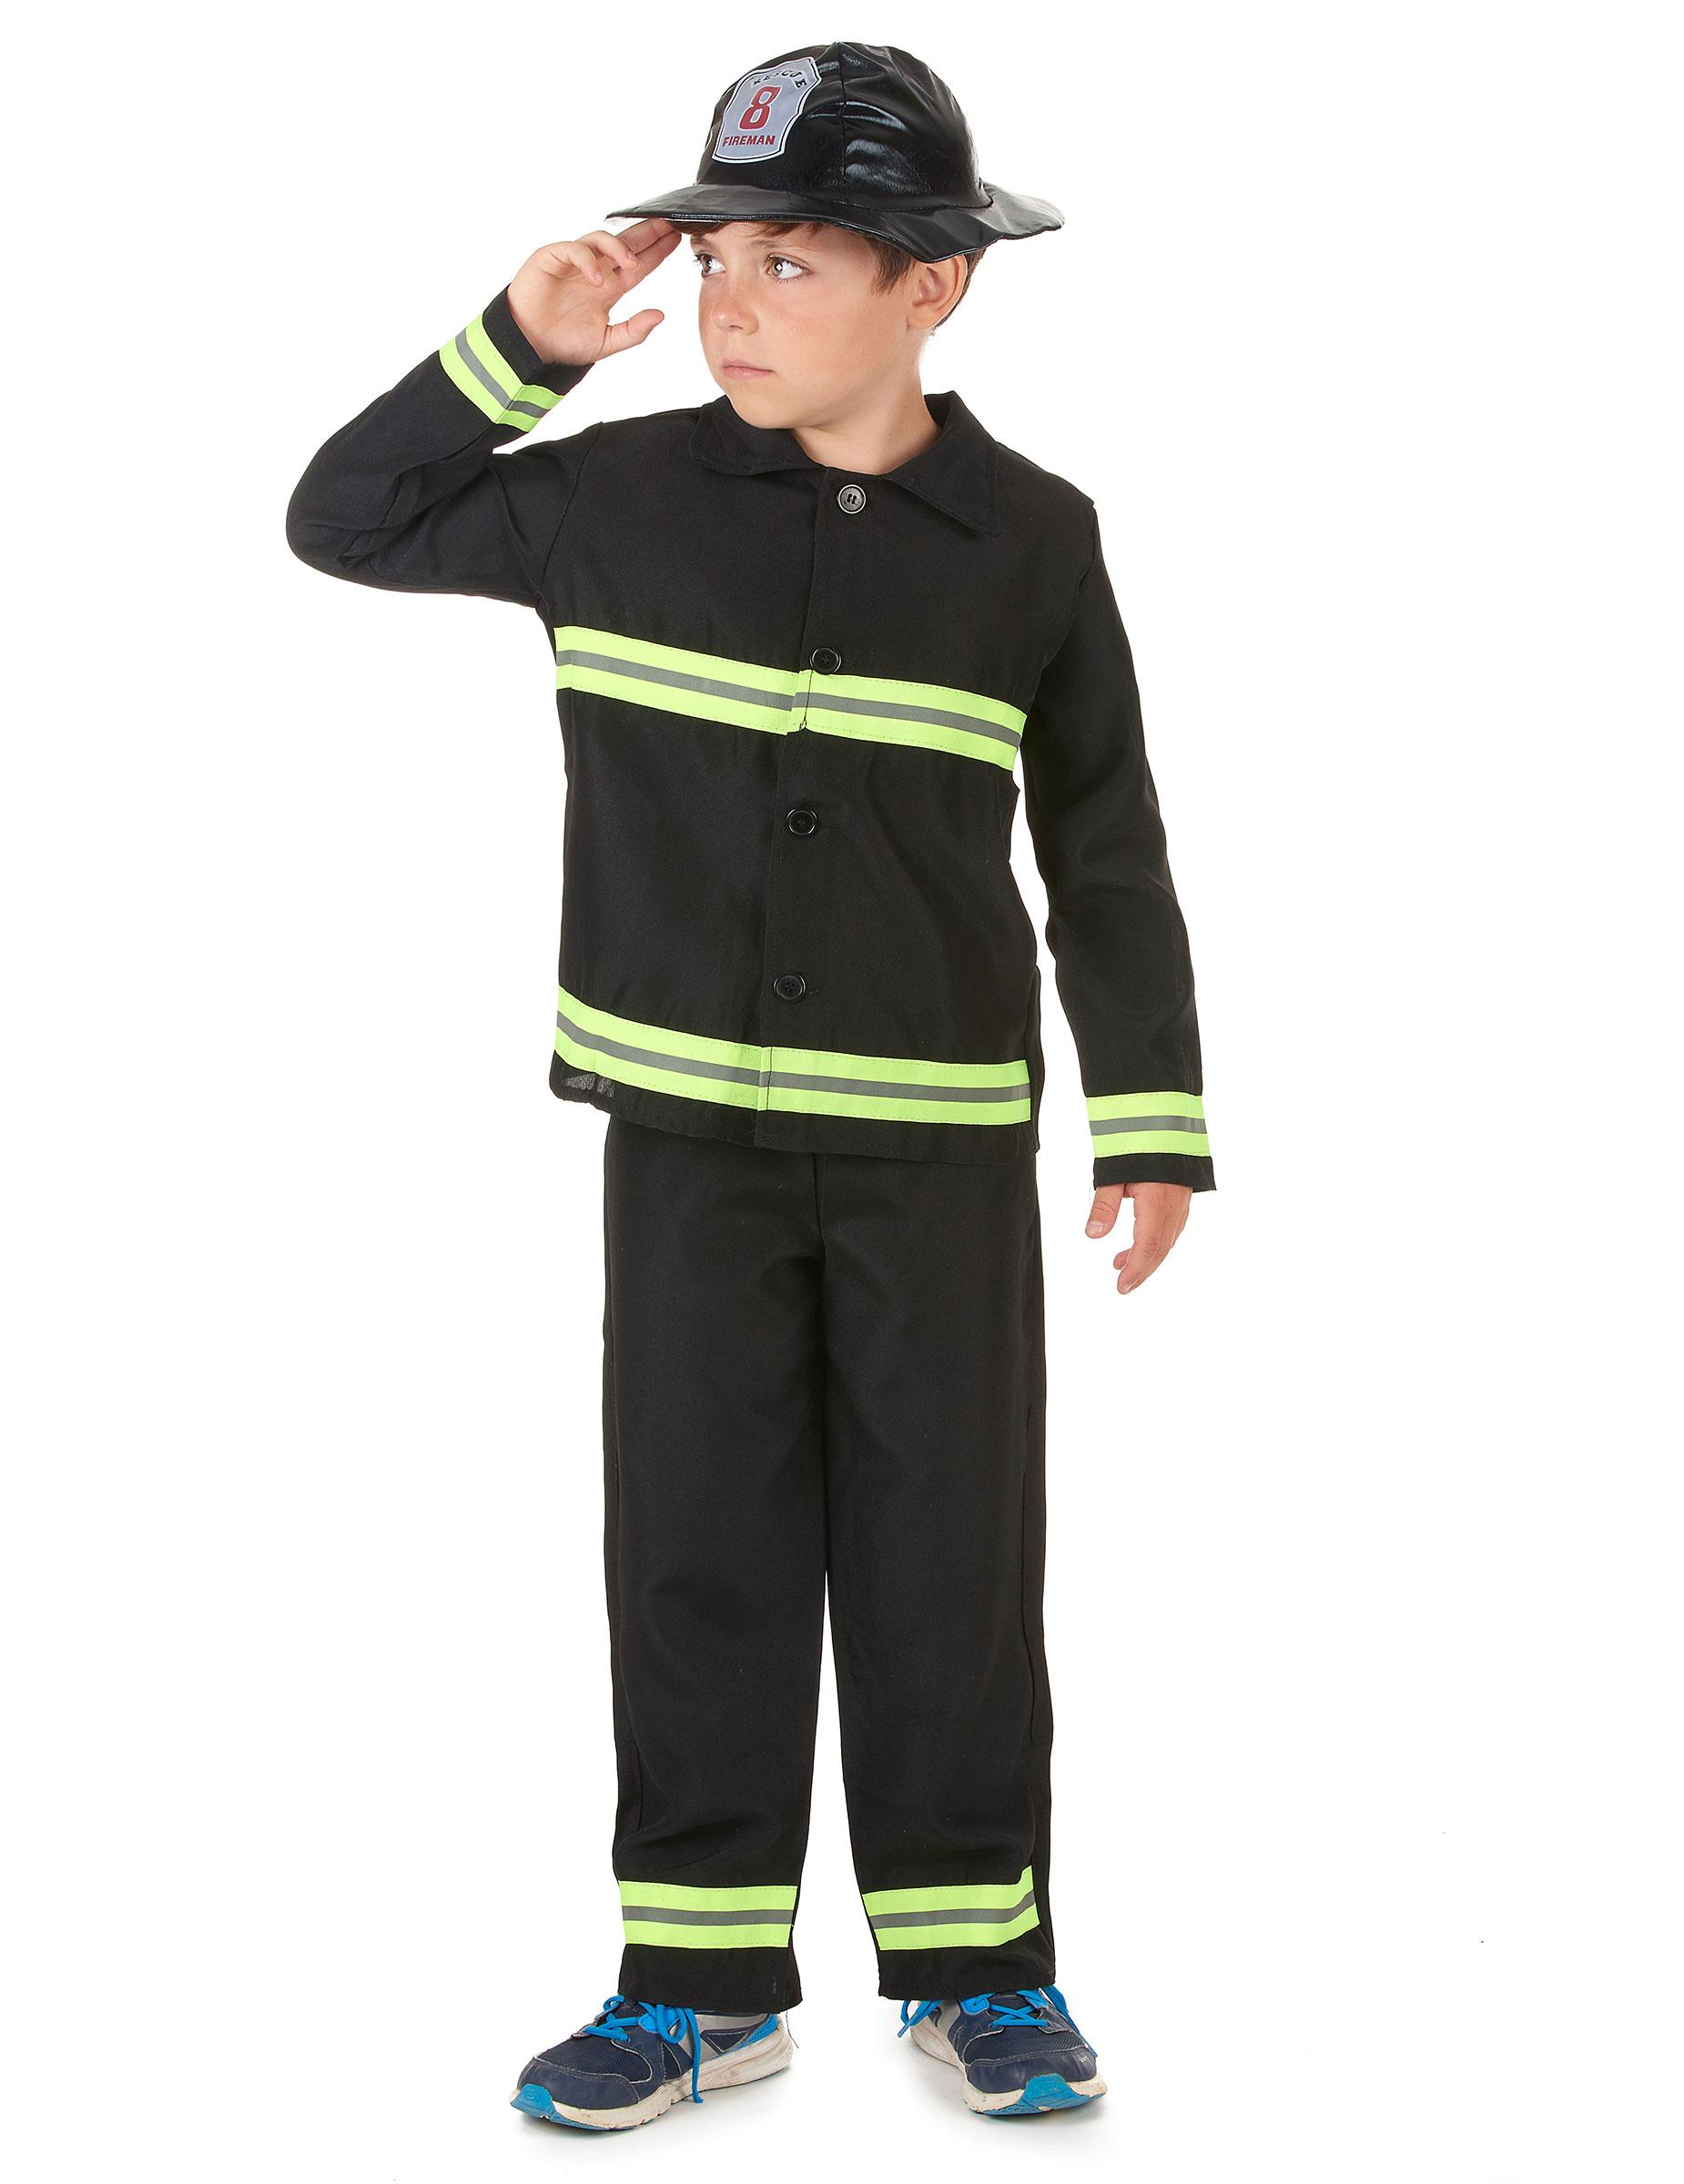 Costume per bambino da pompiere  Costumi bambini c67831c5ef08